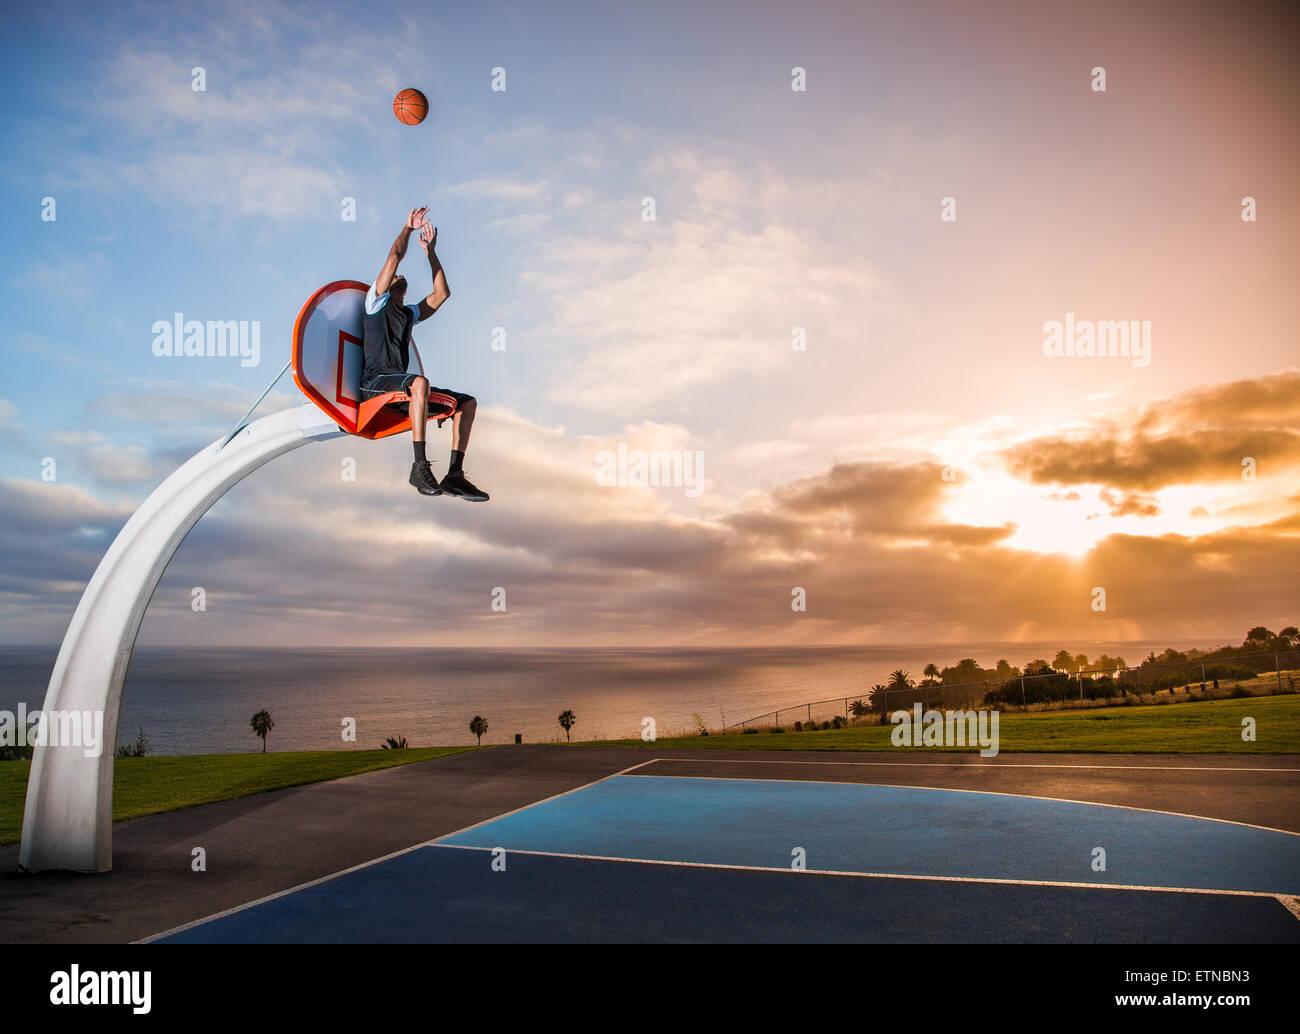 Jeune homme assis dans un panier de basket-ball dans un parc, Los Angeles, Californie, USA Photo Stock